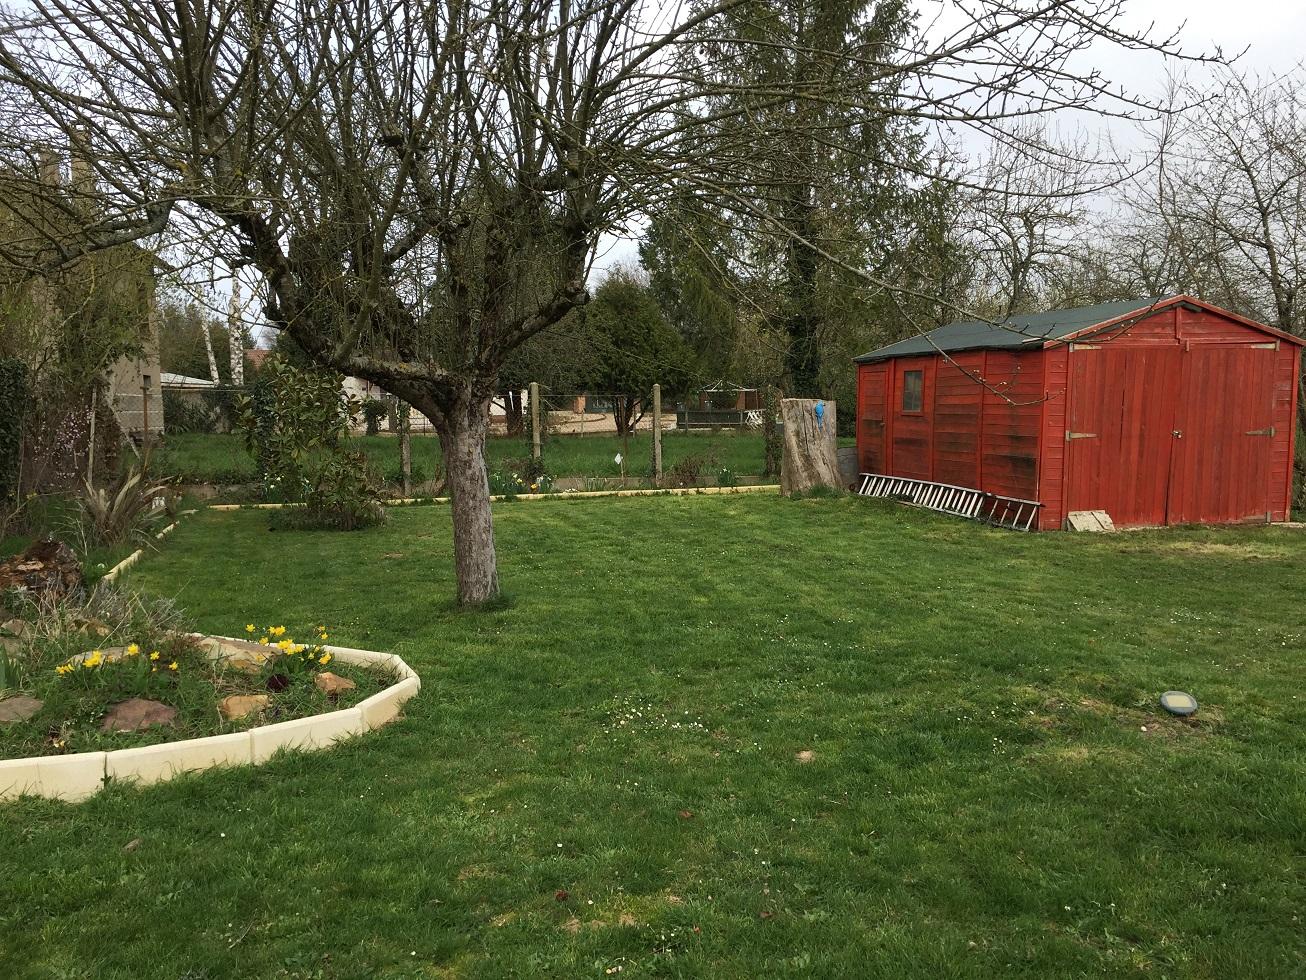 Maison de campagne de 100 m2 grange et jardin domus for Decoration jardin 100 m2